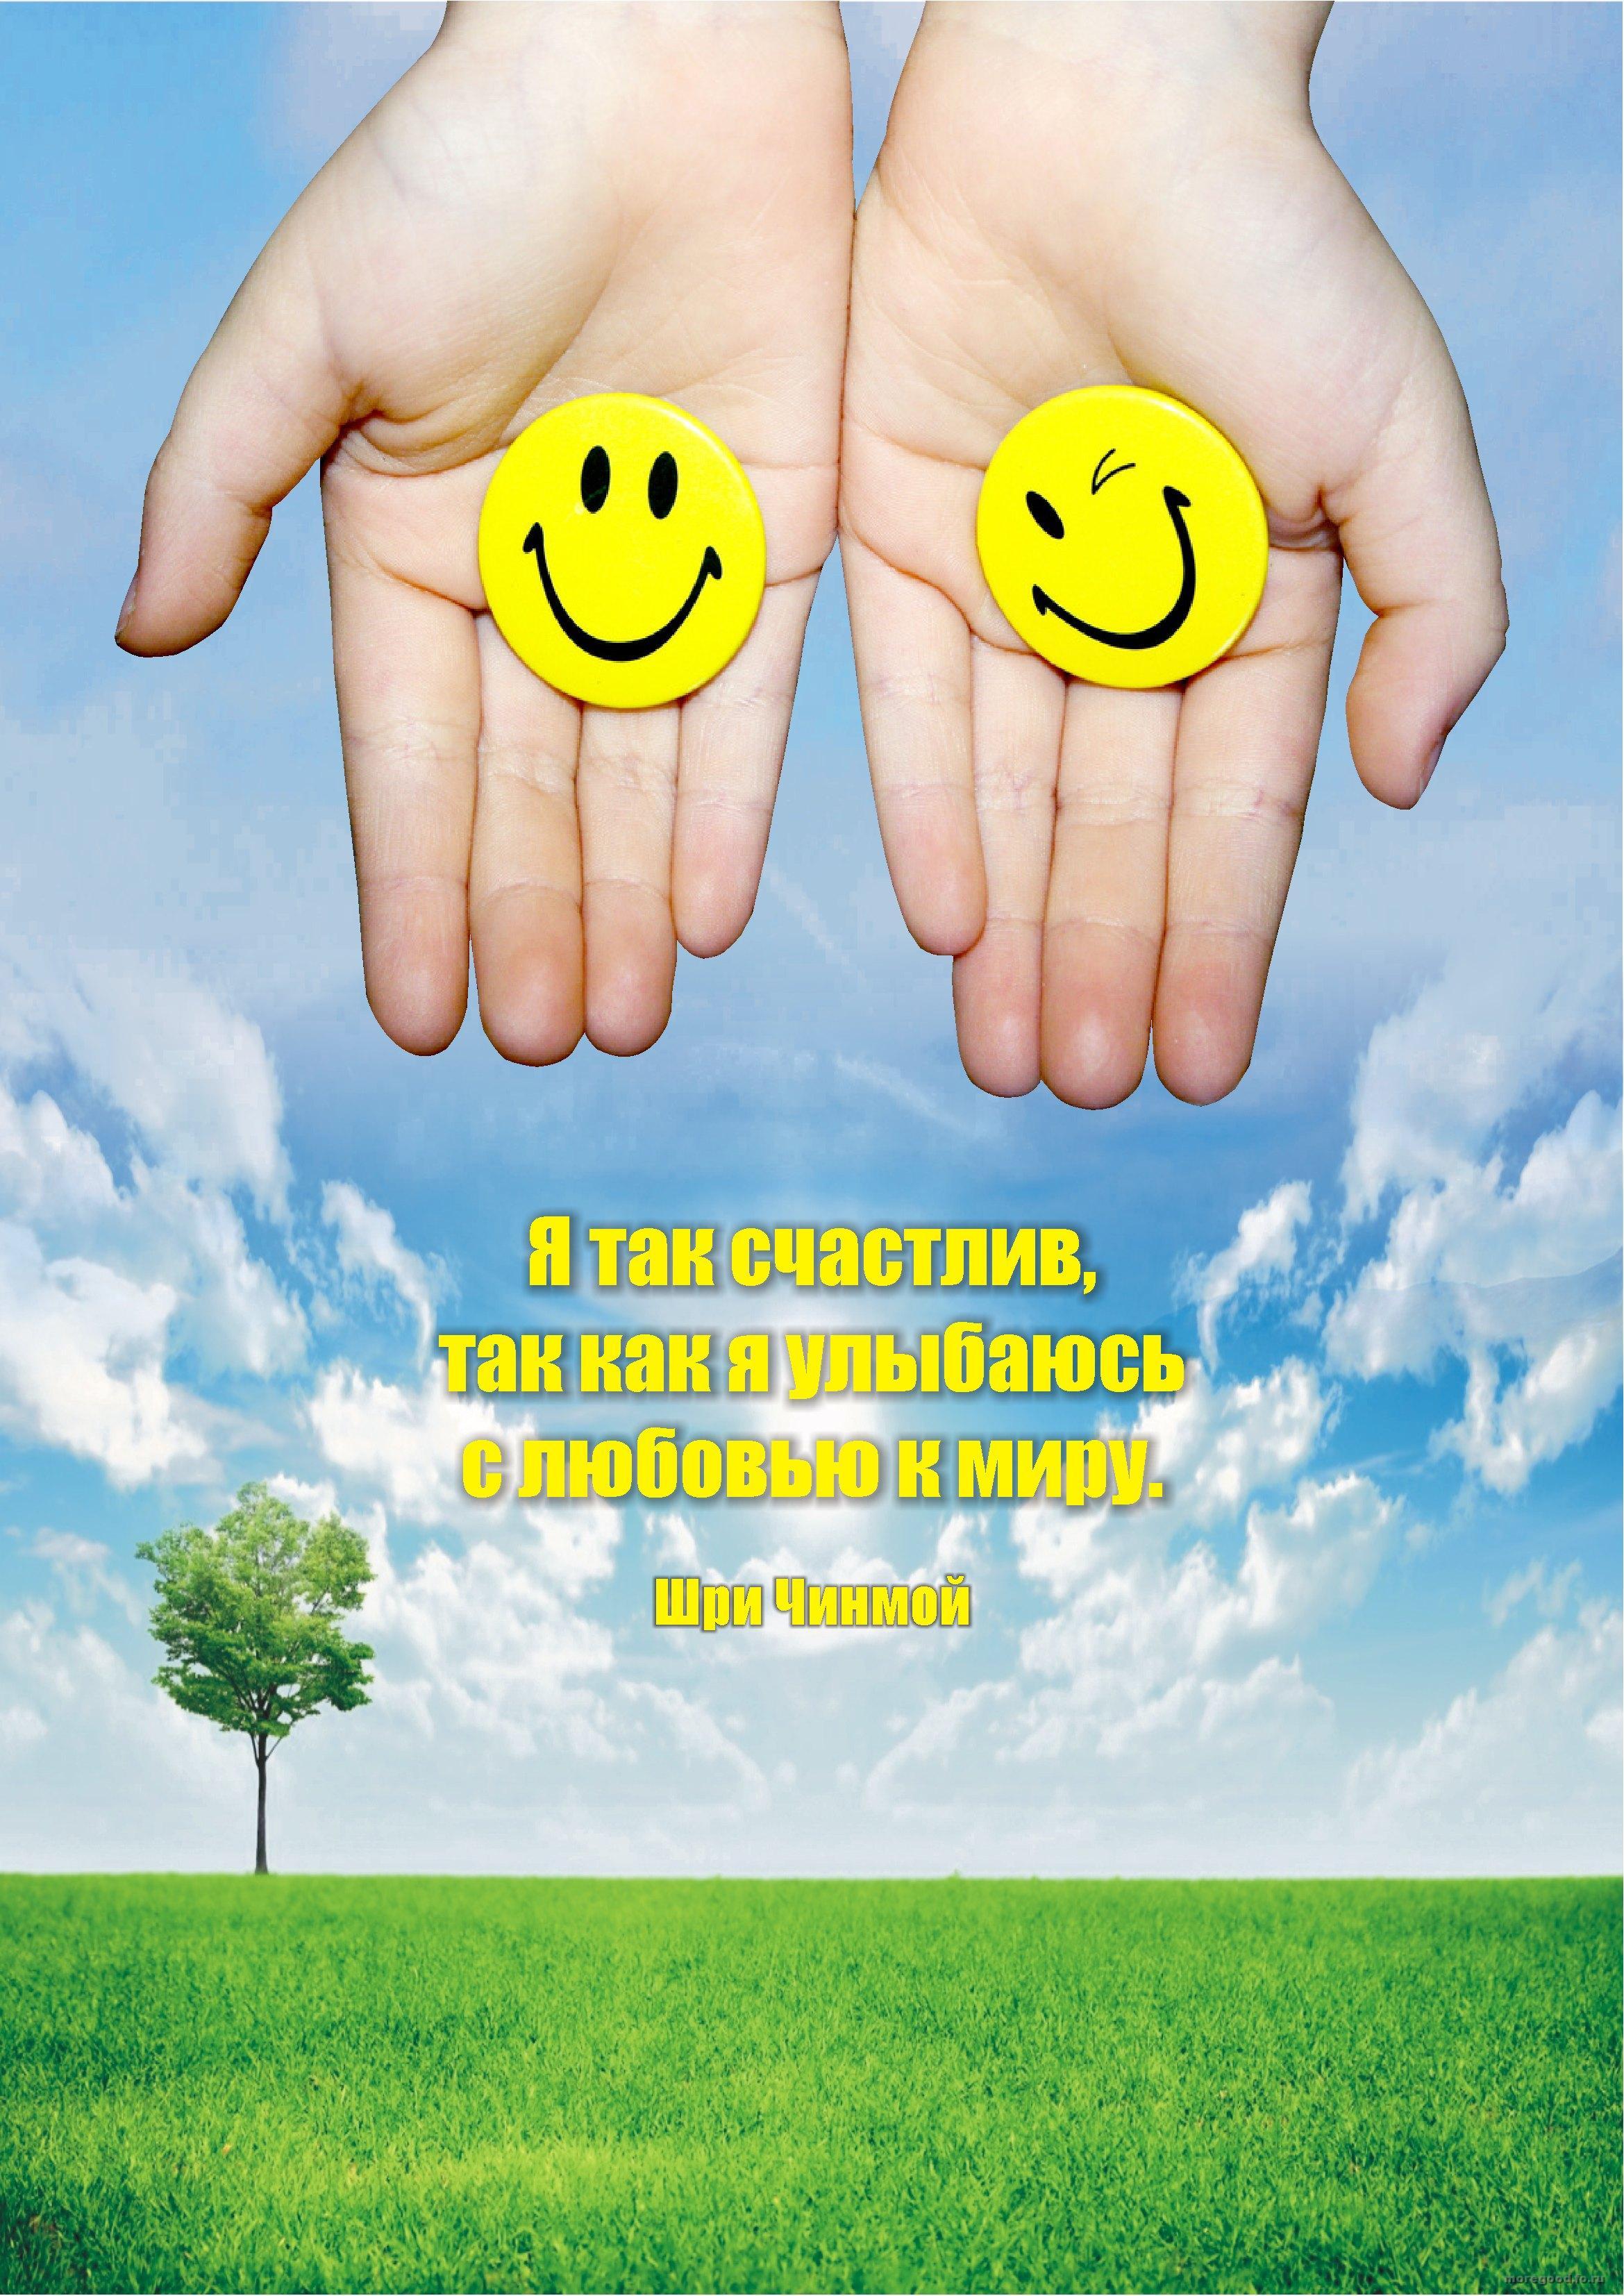 Открытки 20 марта с днем счастья